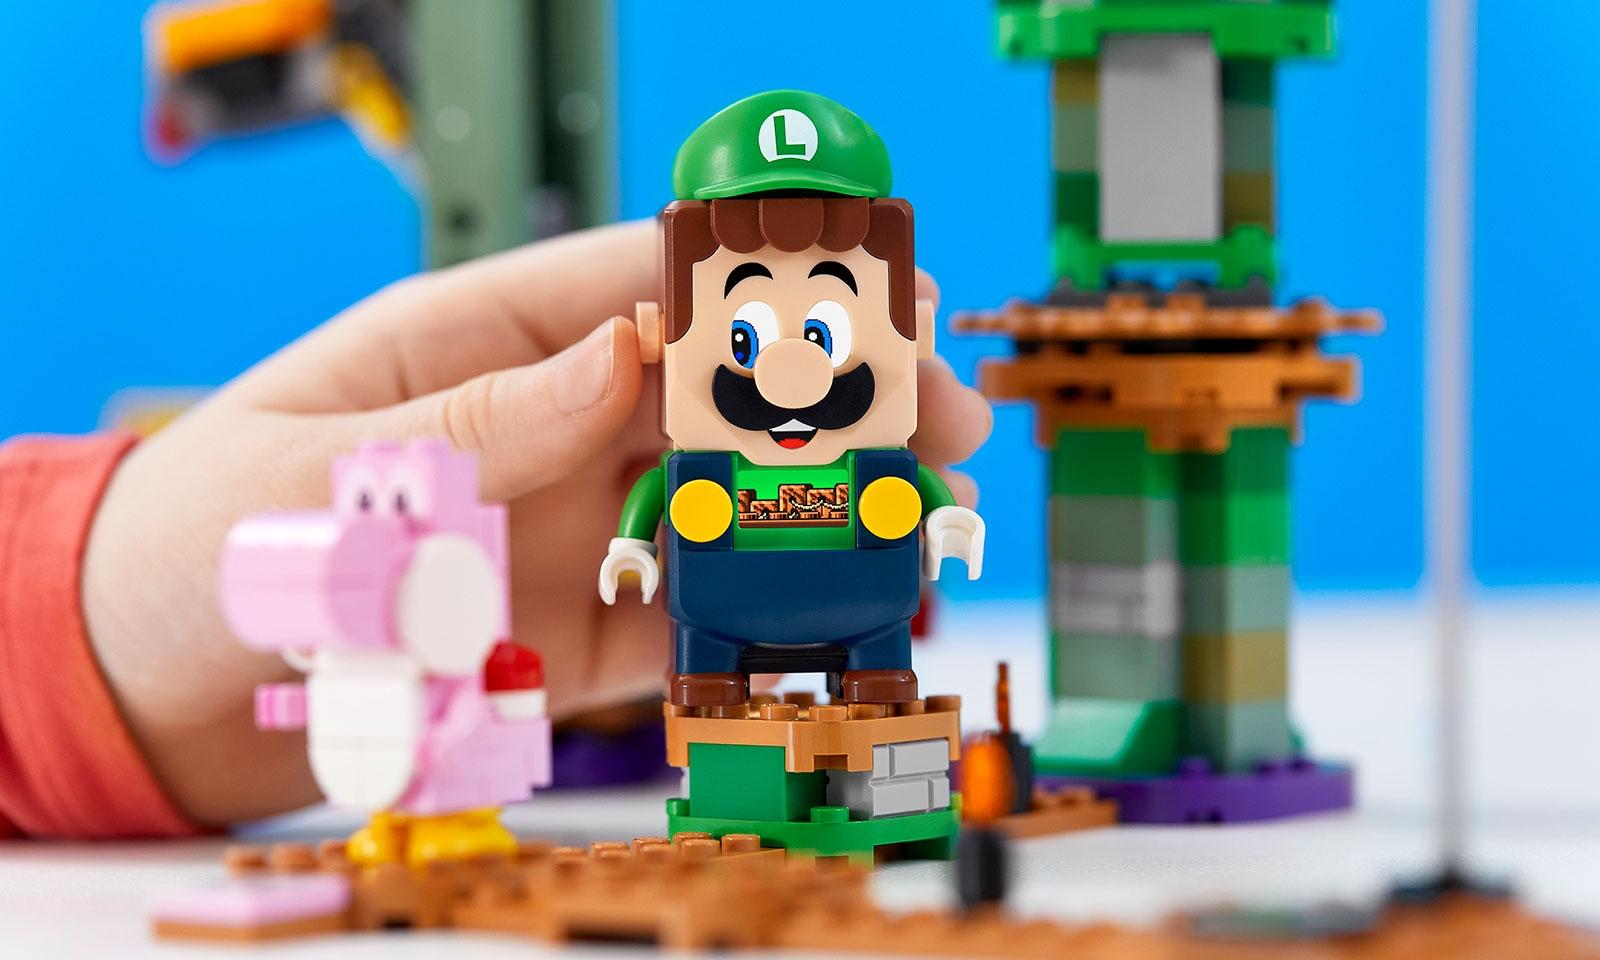 LEGO 将路易吉加入超级马里奥系列之中